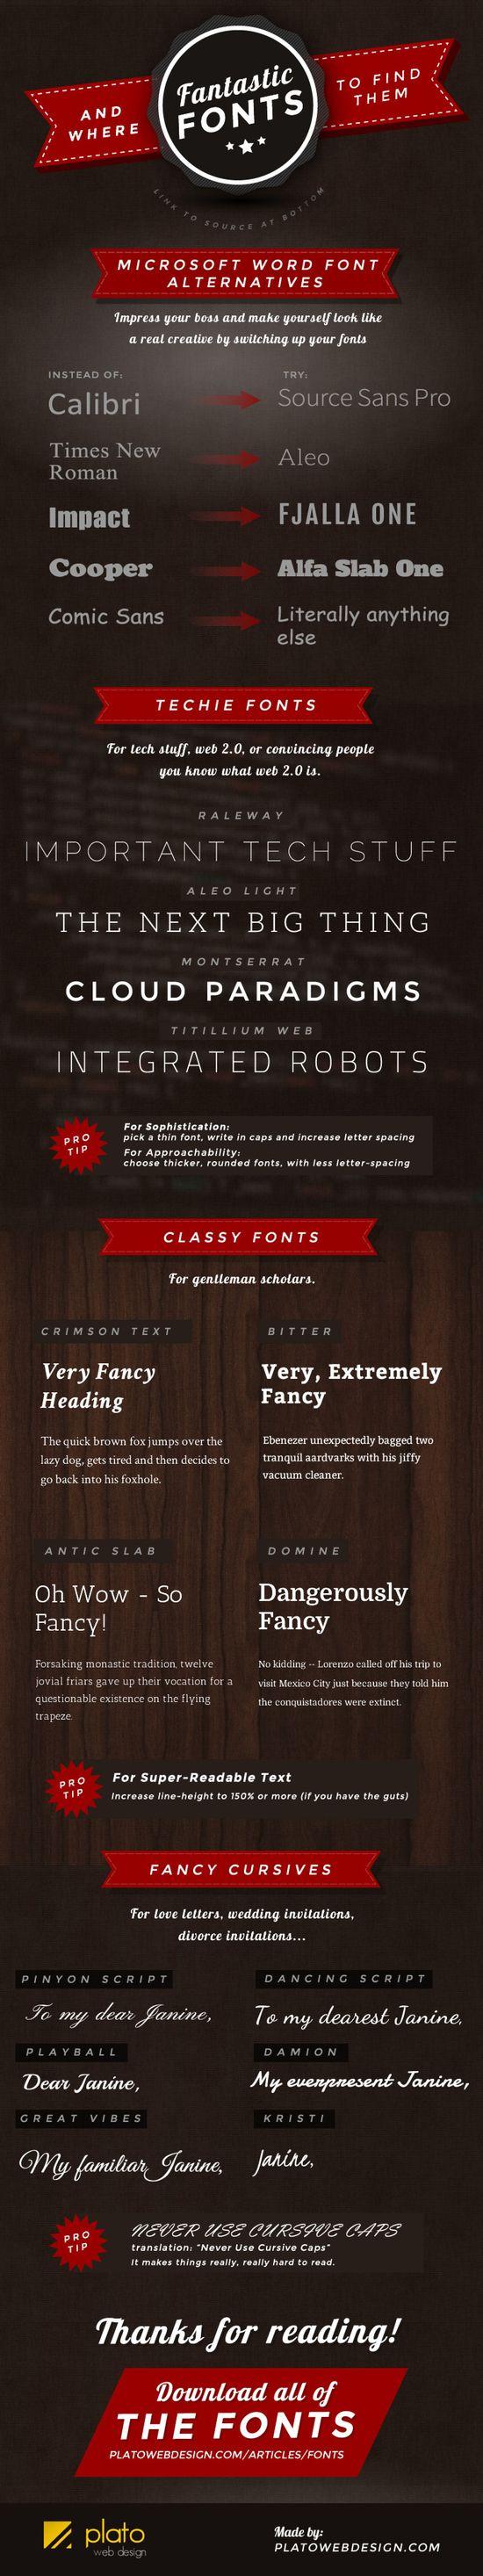 Fantastic #Fonts and